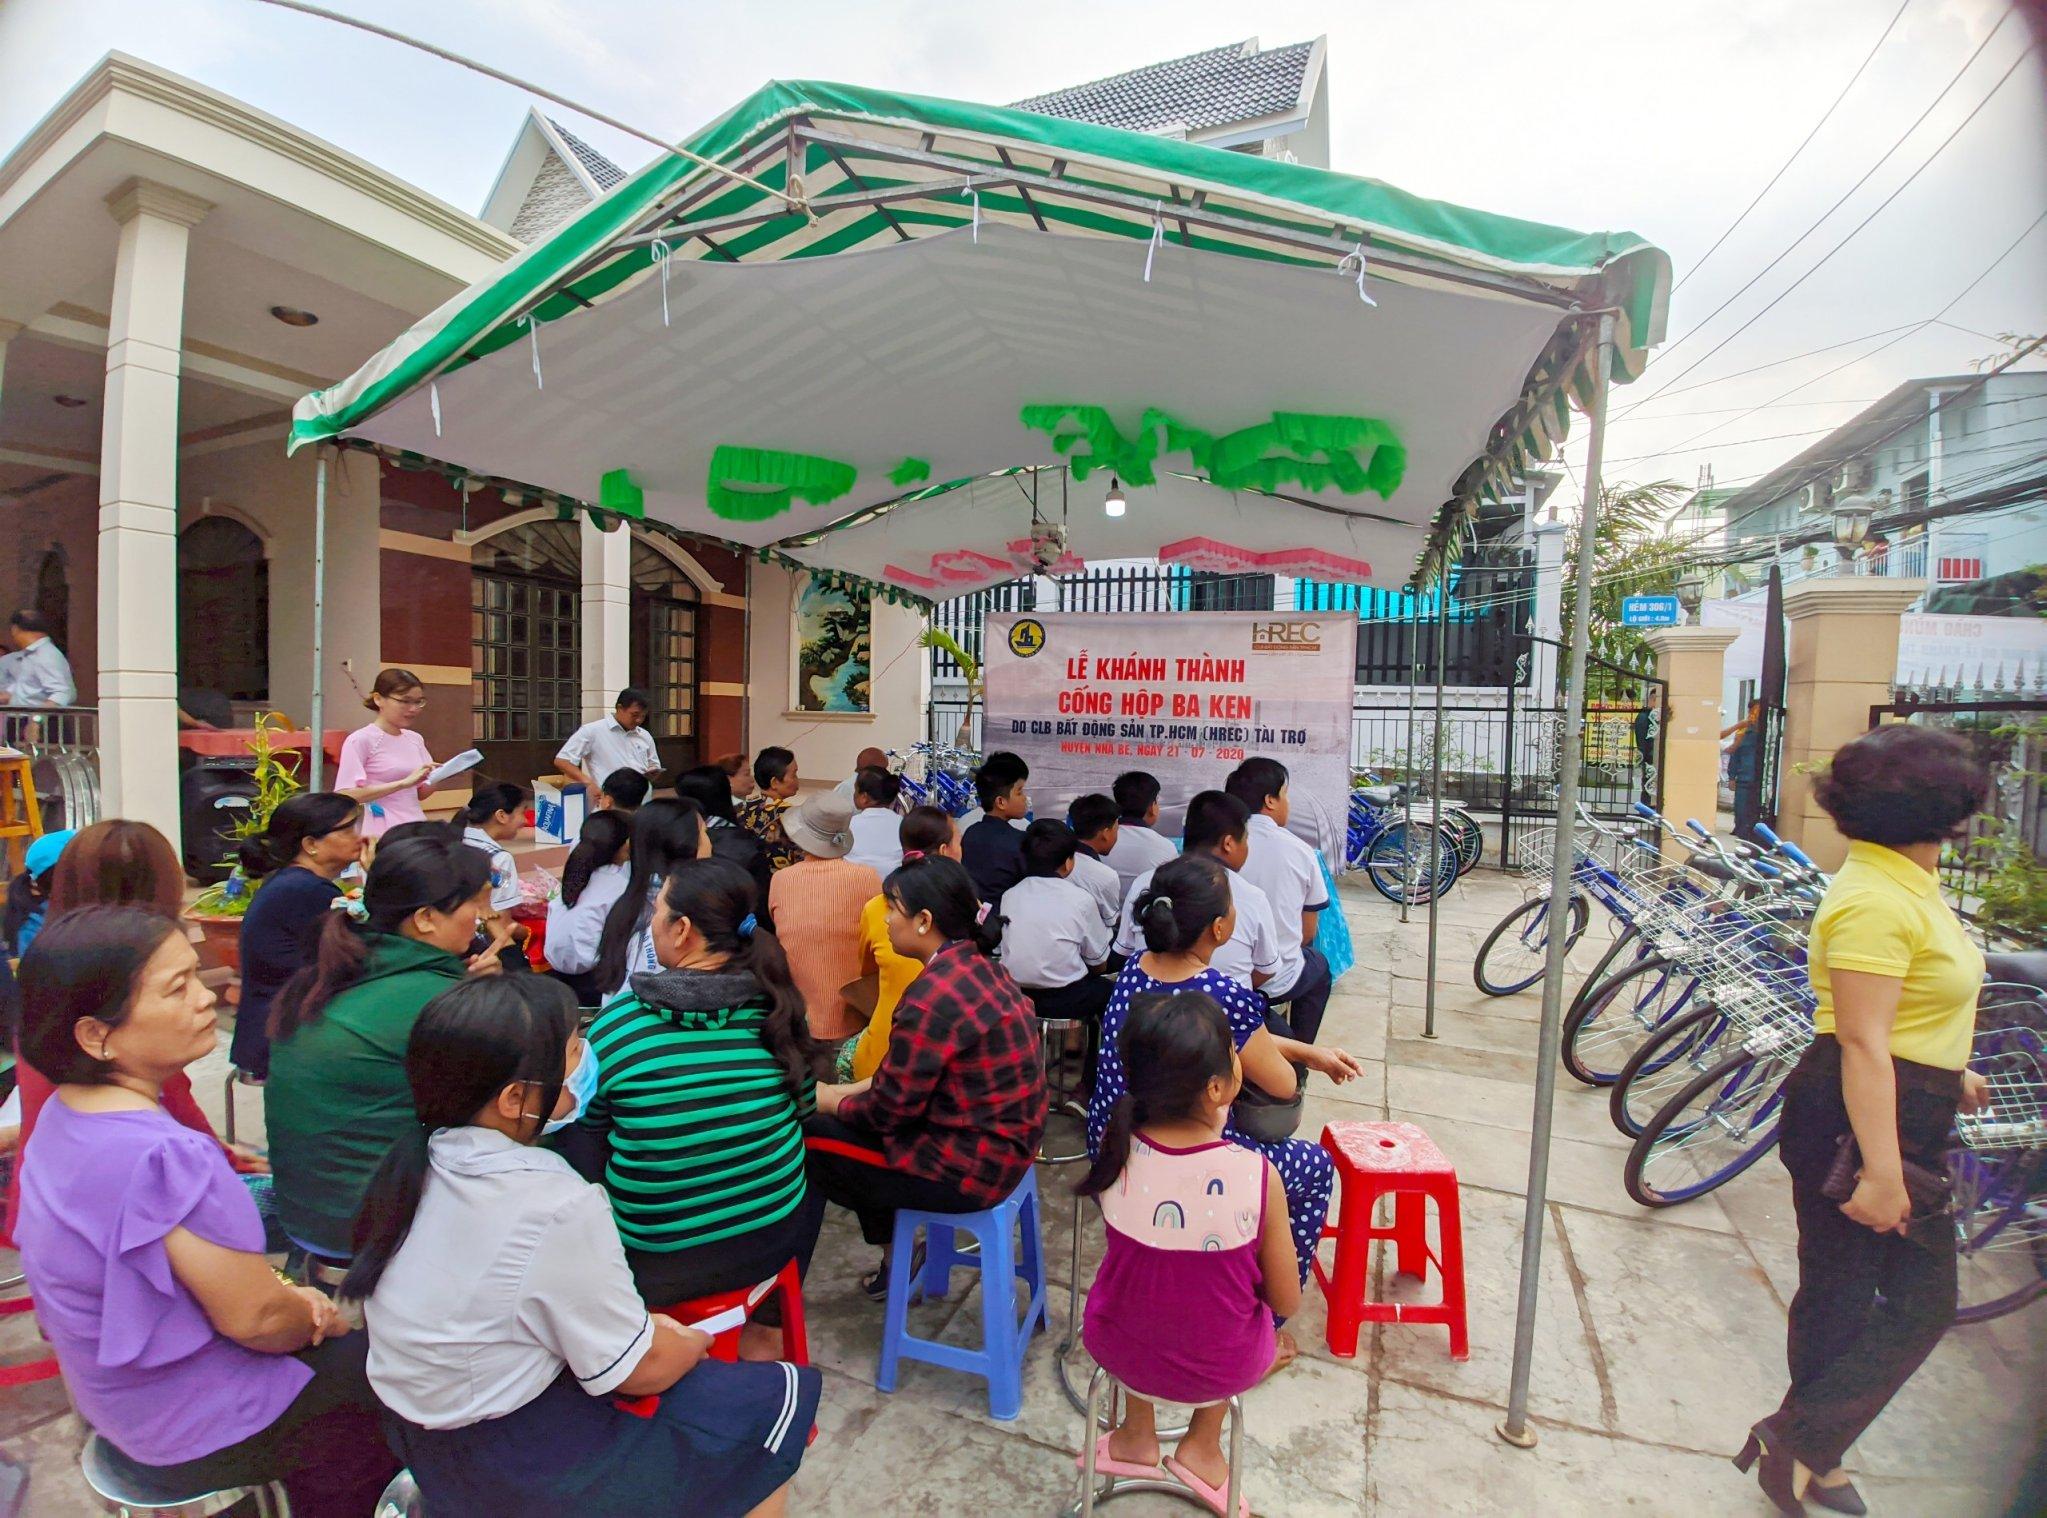 CLB Bất động sản TP.HCM tài trợ cống hộp hơn 300 triệu cho huyện Nhà Bè 1